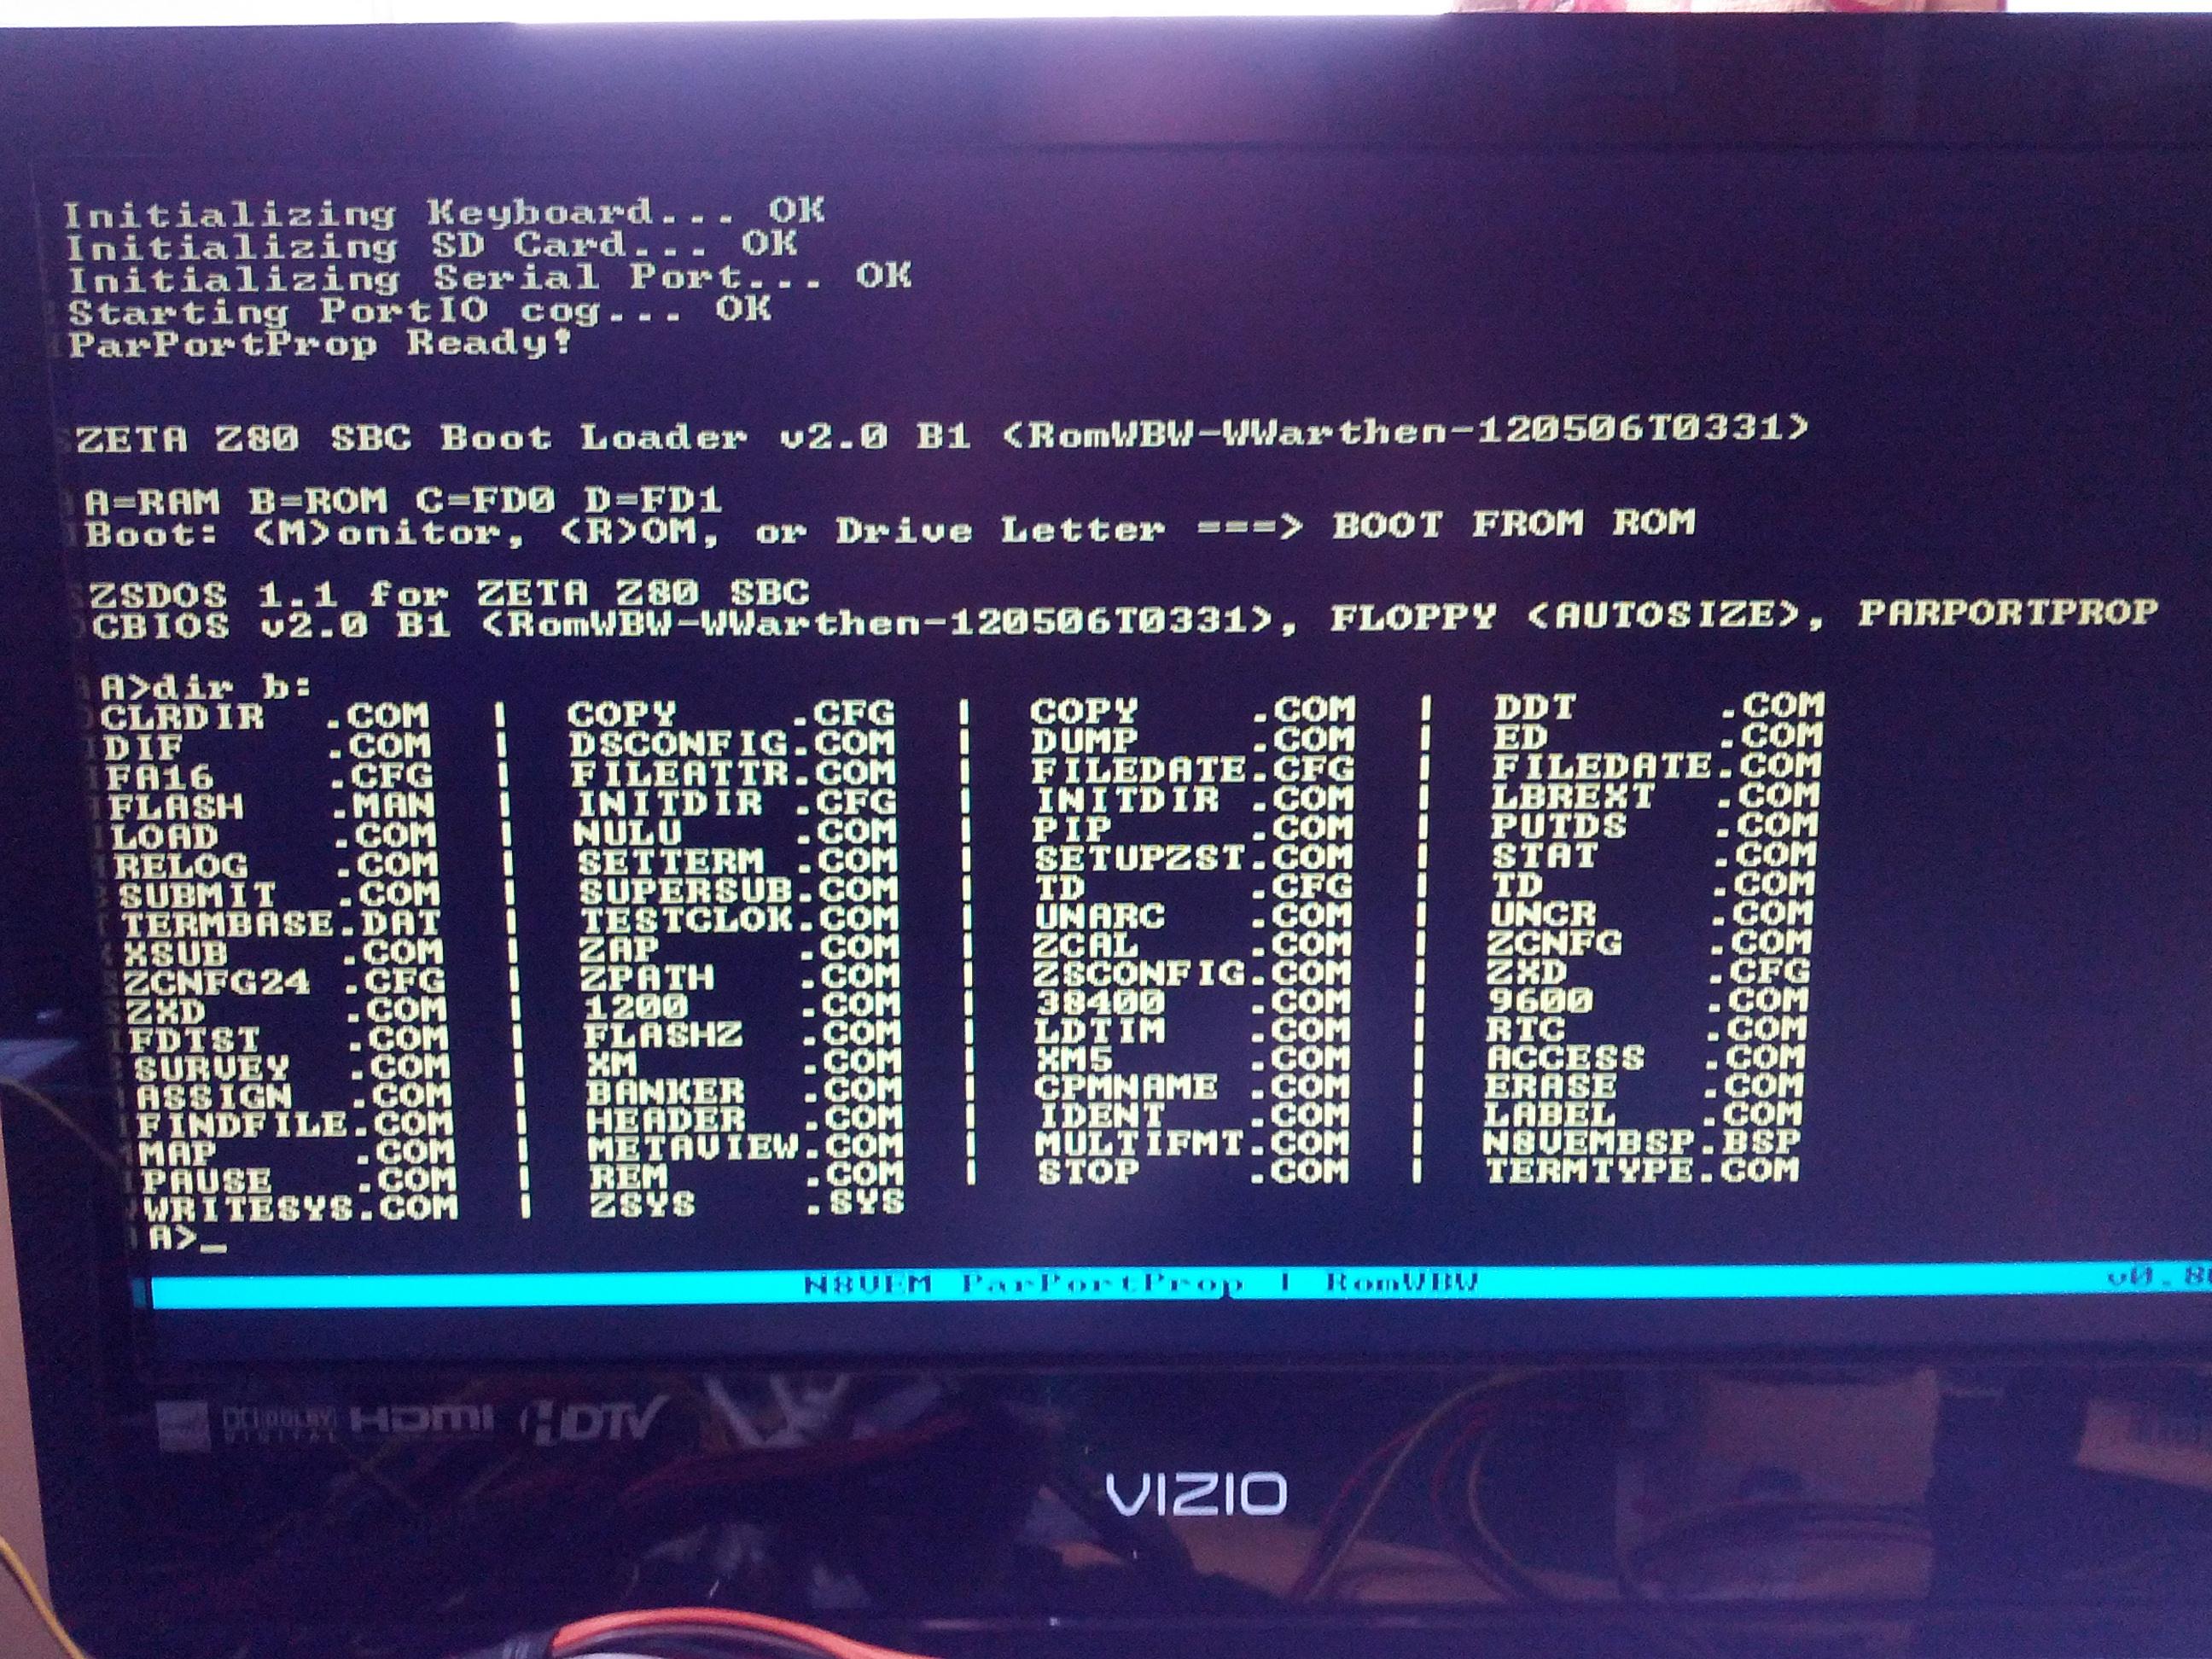 51f90304e612 File  Sun Jul 1 17 34 09 2012 2012-07-01 8in Floppy Connected.jpg (1679633  bytes) File  Sun Jul 1 17 34 27 2012 2012-07-01 8in Floppy Front.jpg ...